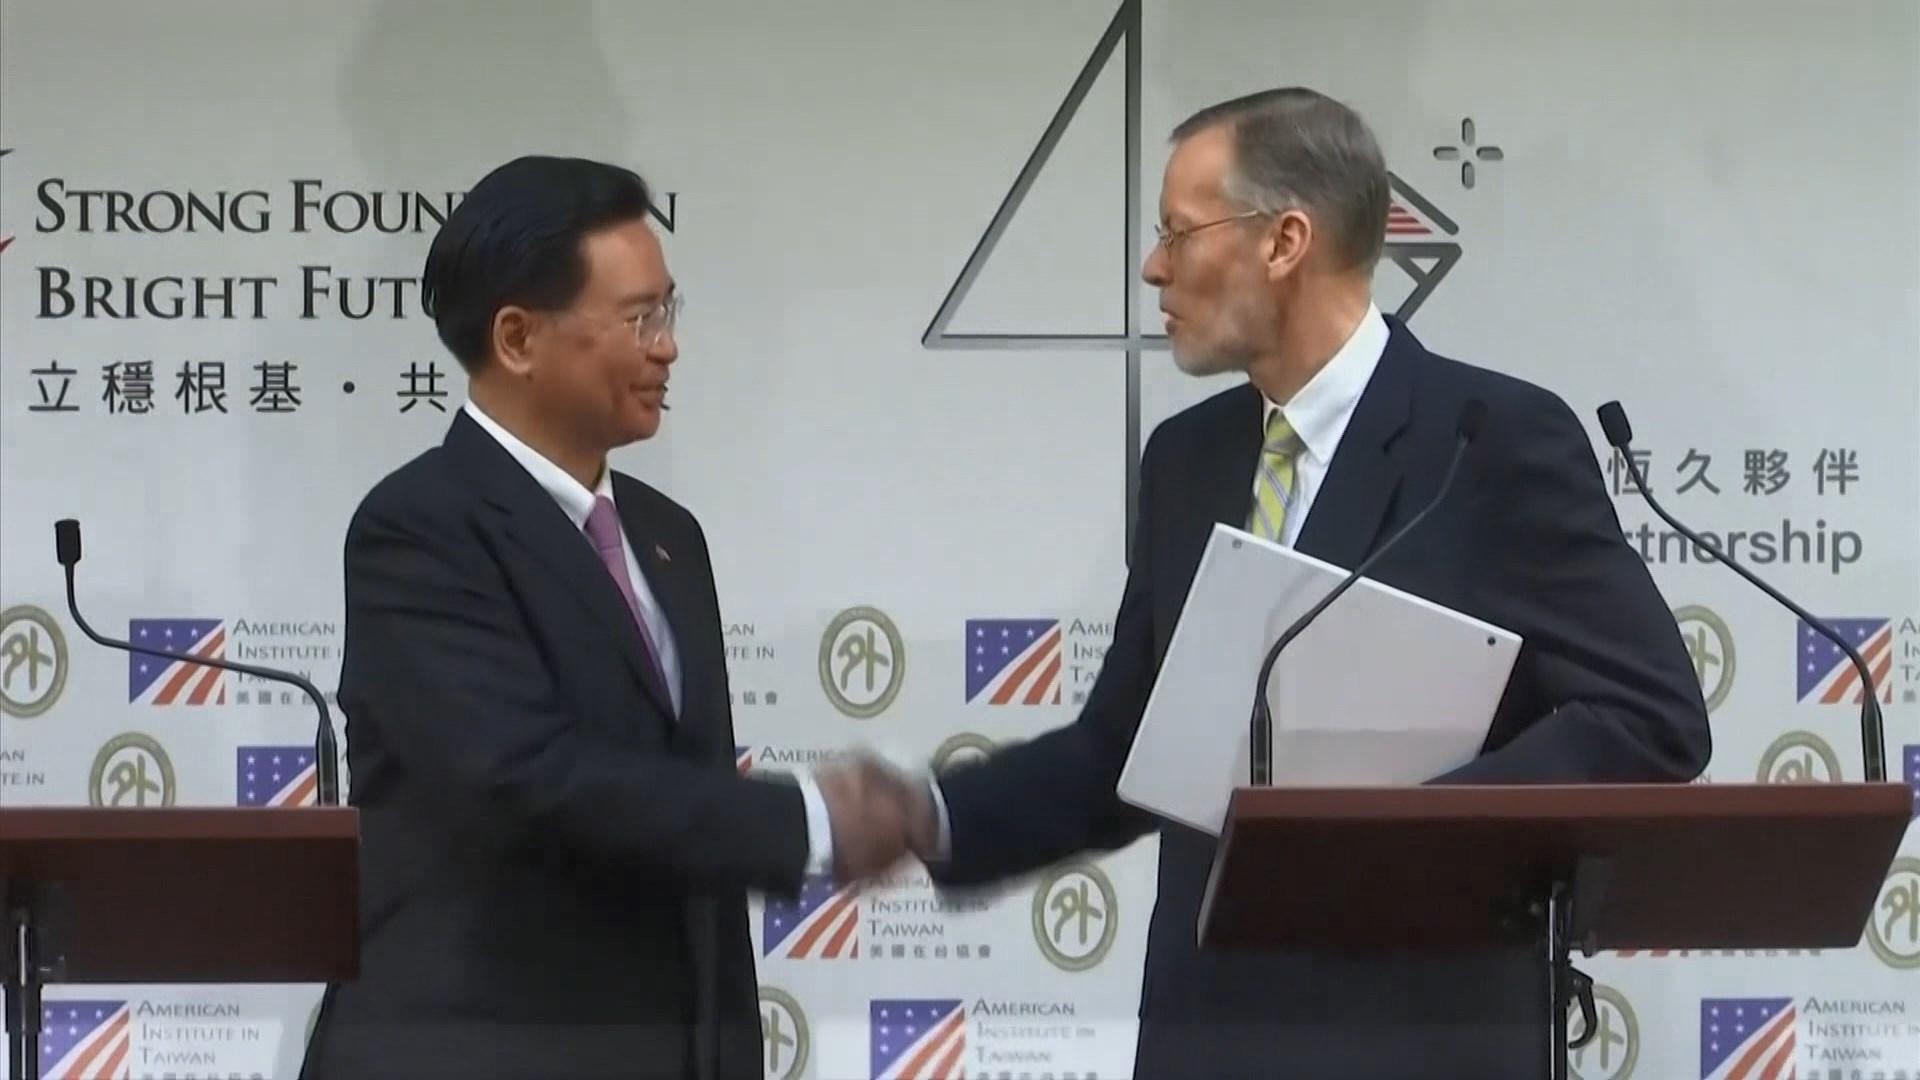 台美建立新定期對話機制促民主及自由等合作